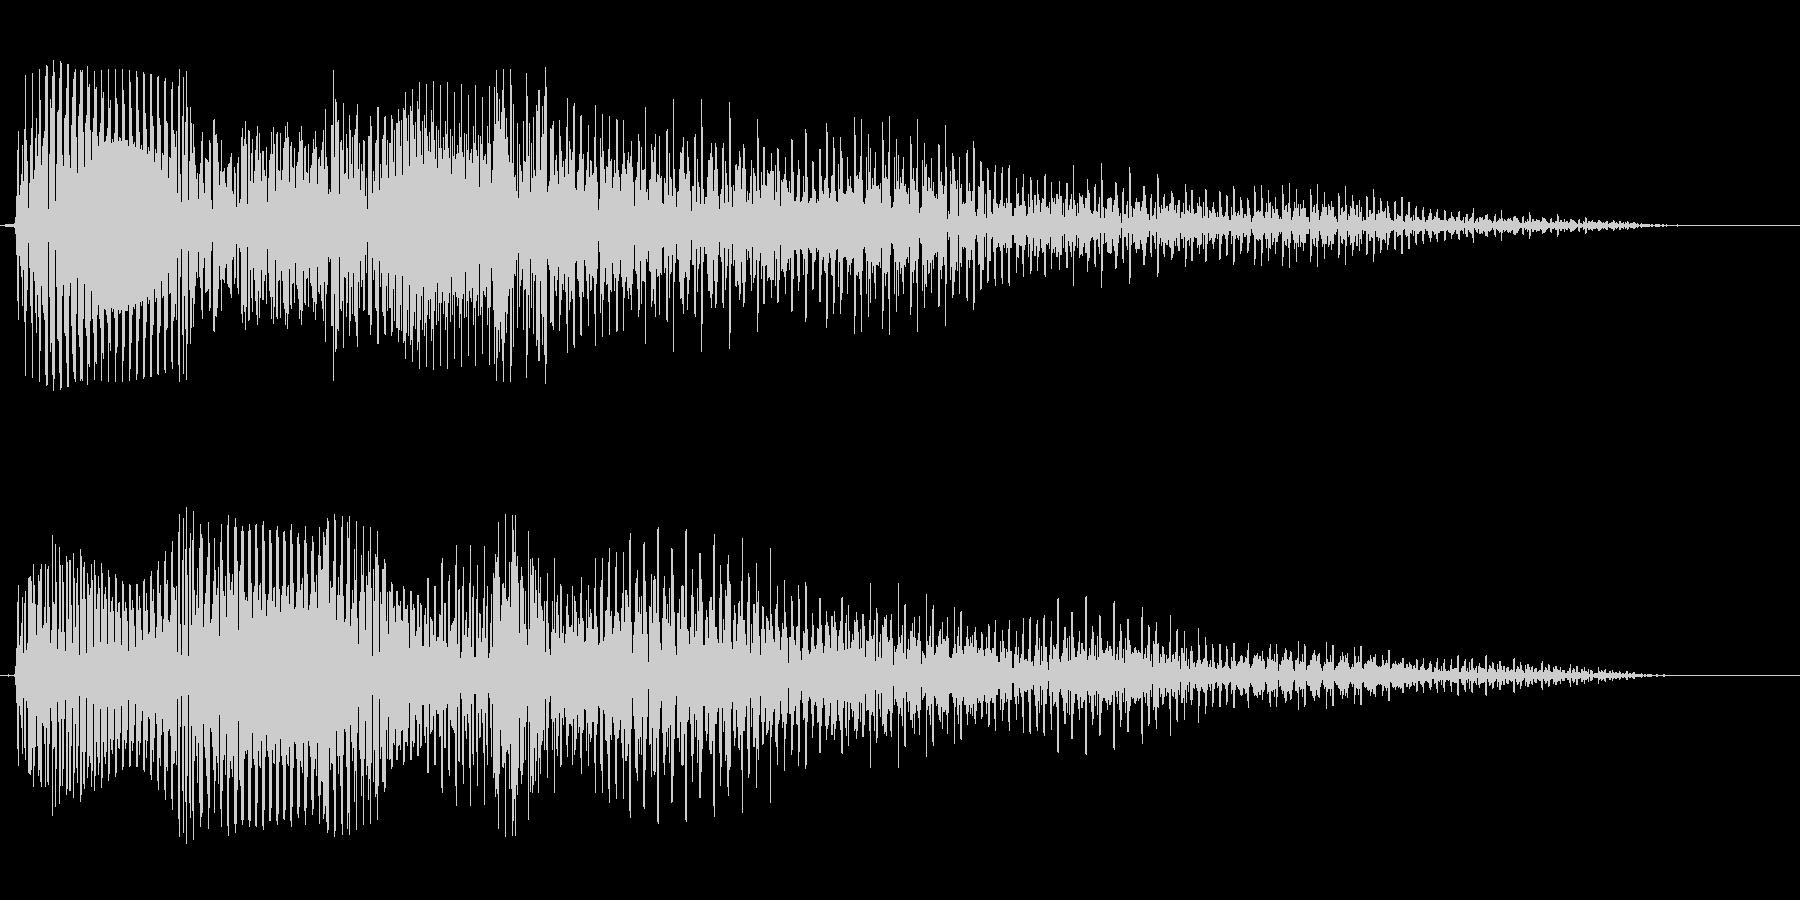 ドドダダ〜ン(淀んだ感じの効果音)の未再生の波形